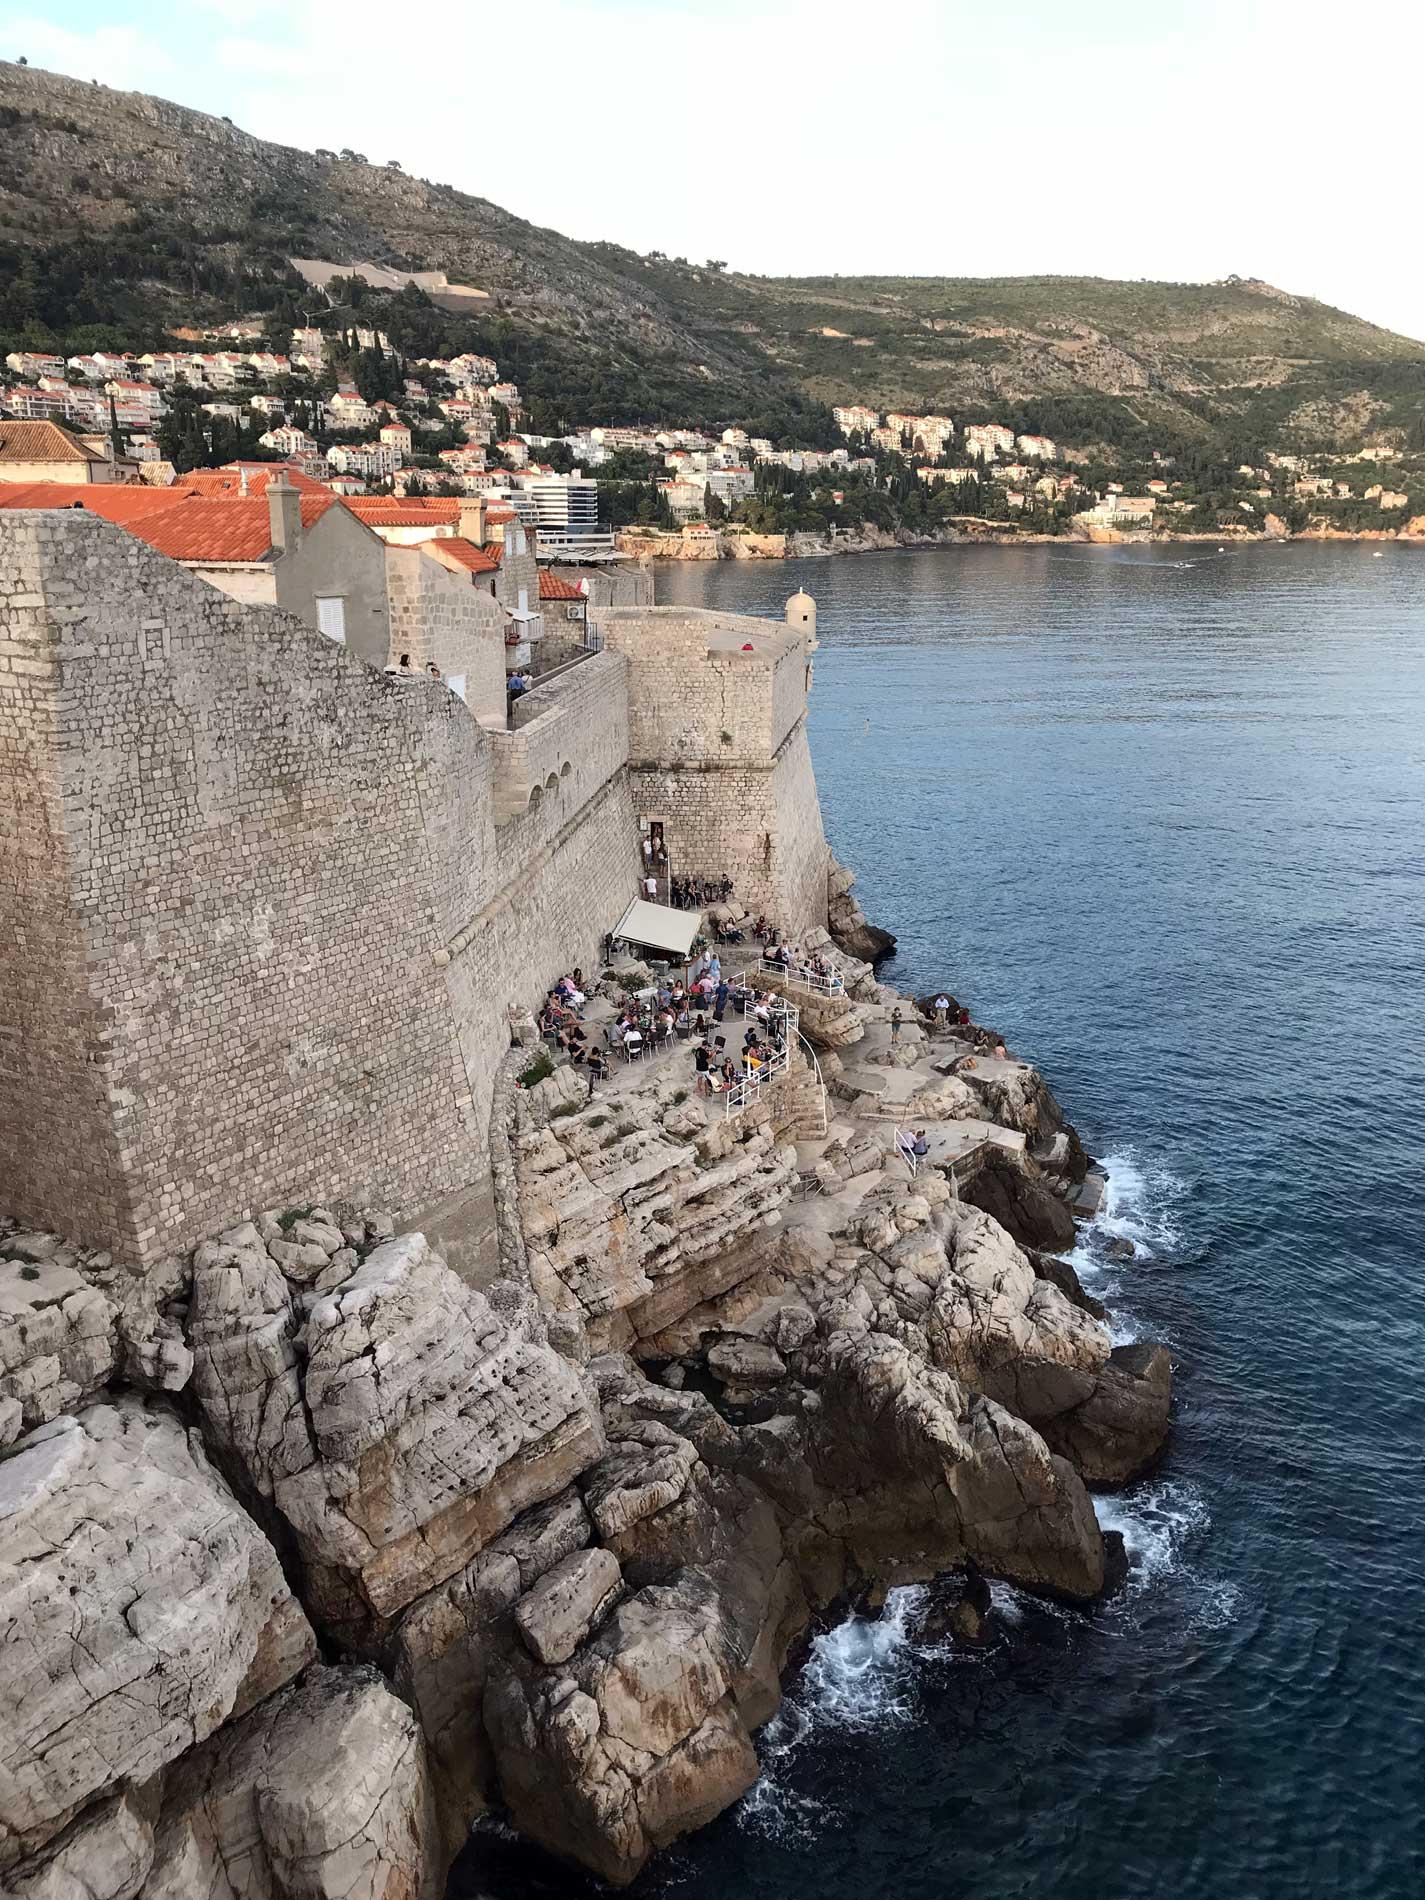 Dubrovnik-Croazia-vista-dalle-mura-spiaggia-mare